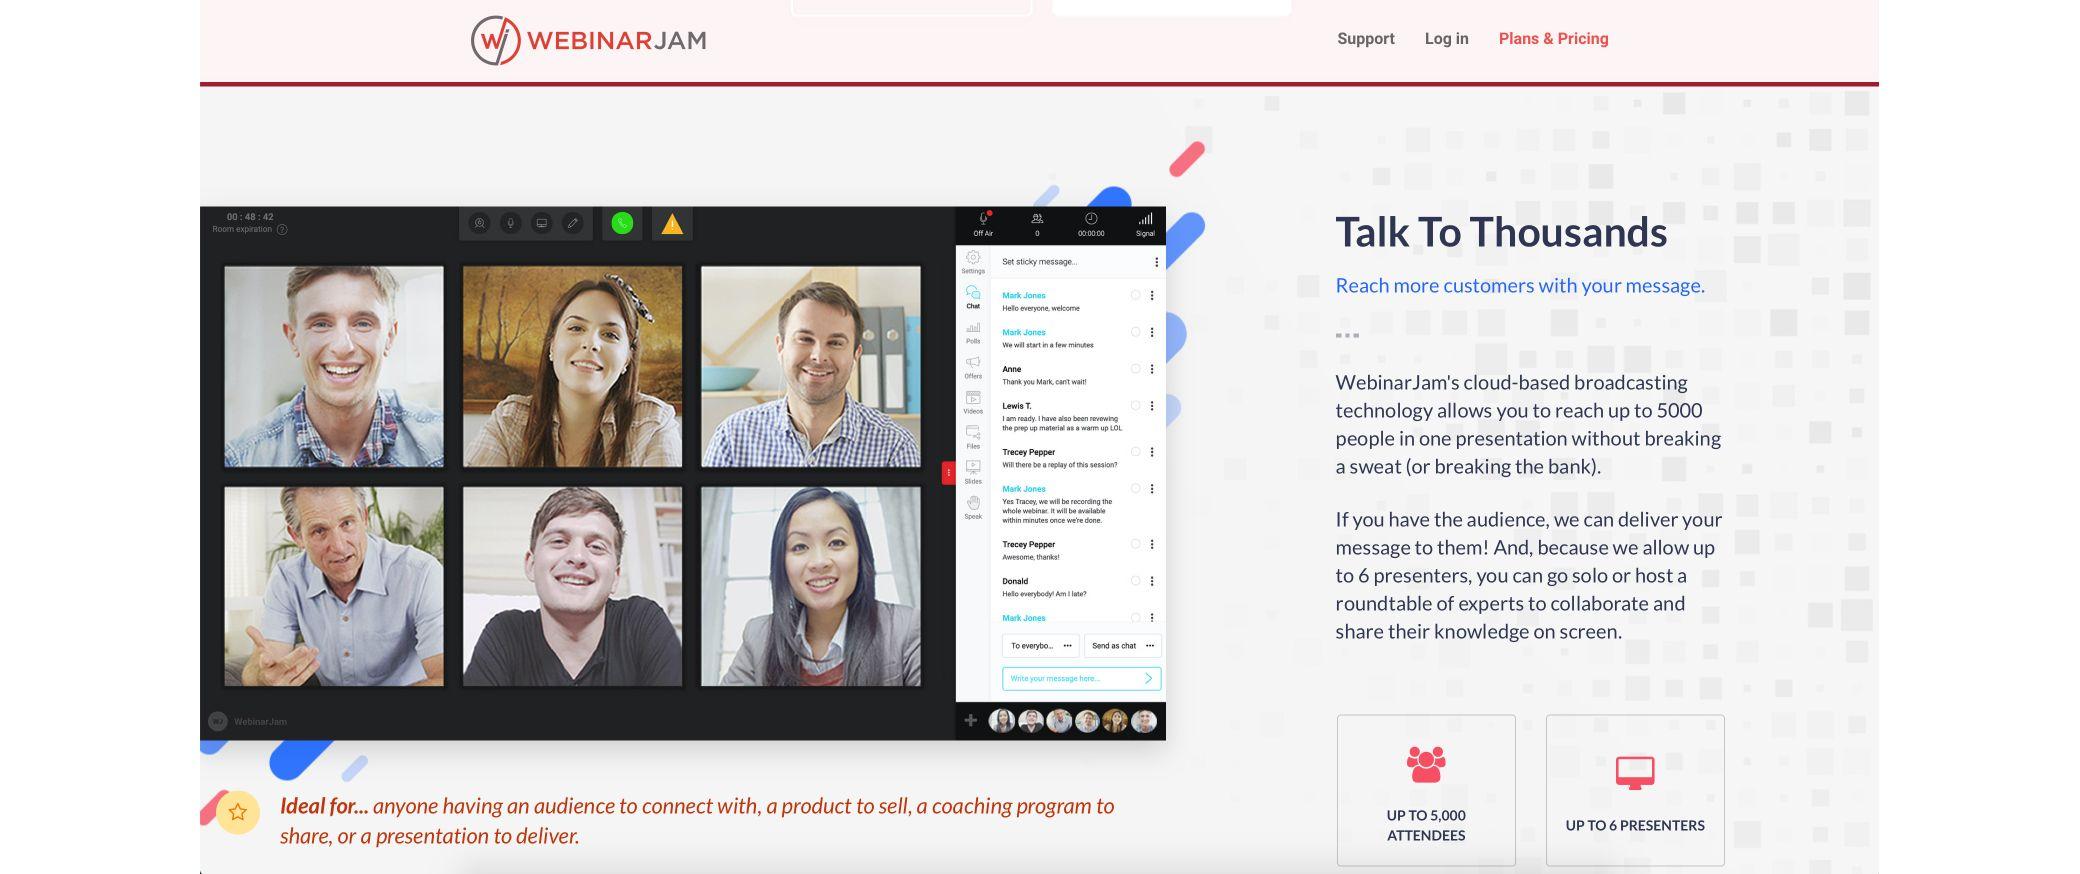 webinarjam screenshot